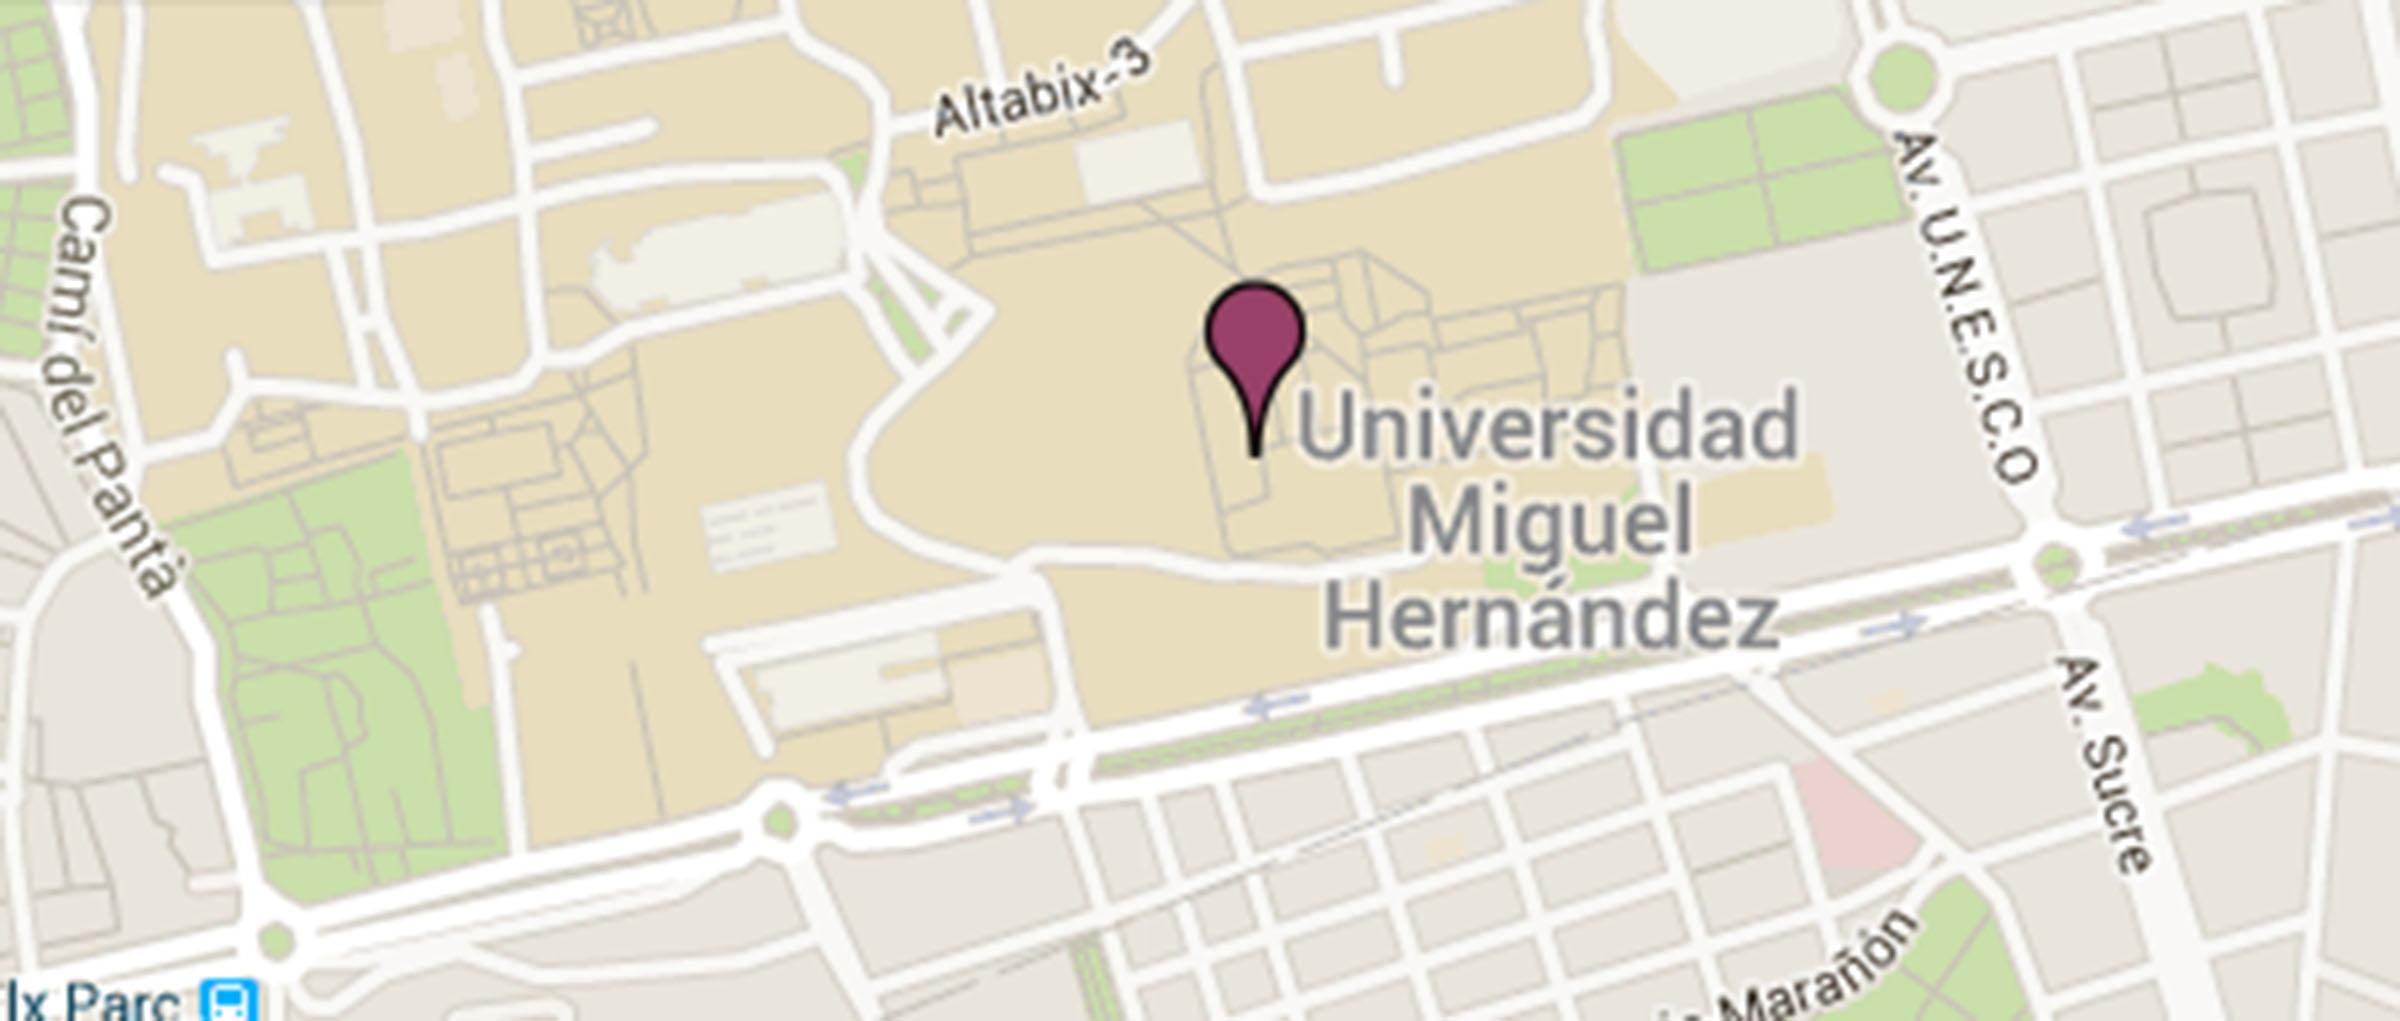 Clínicas de reproducción asistida en Alicante